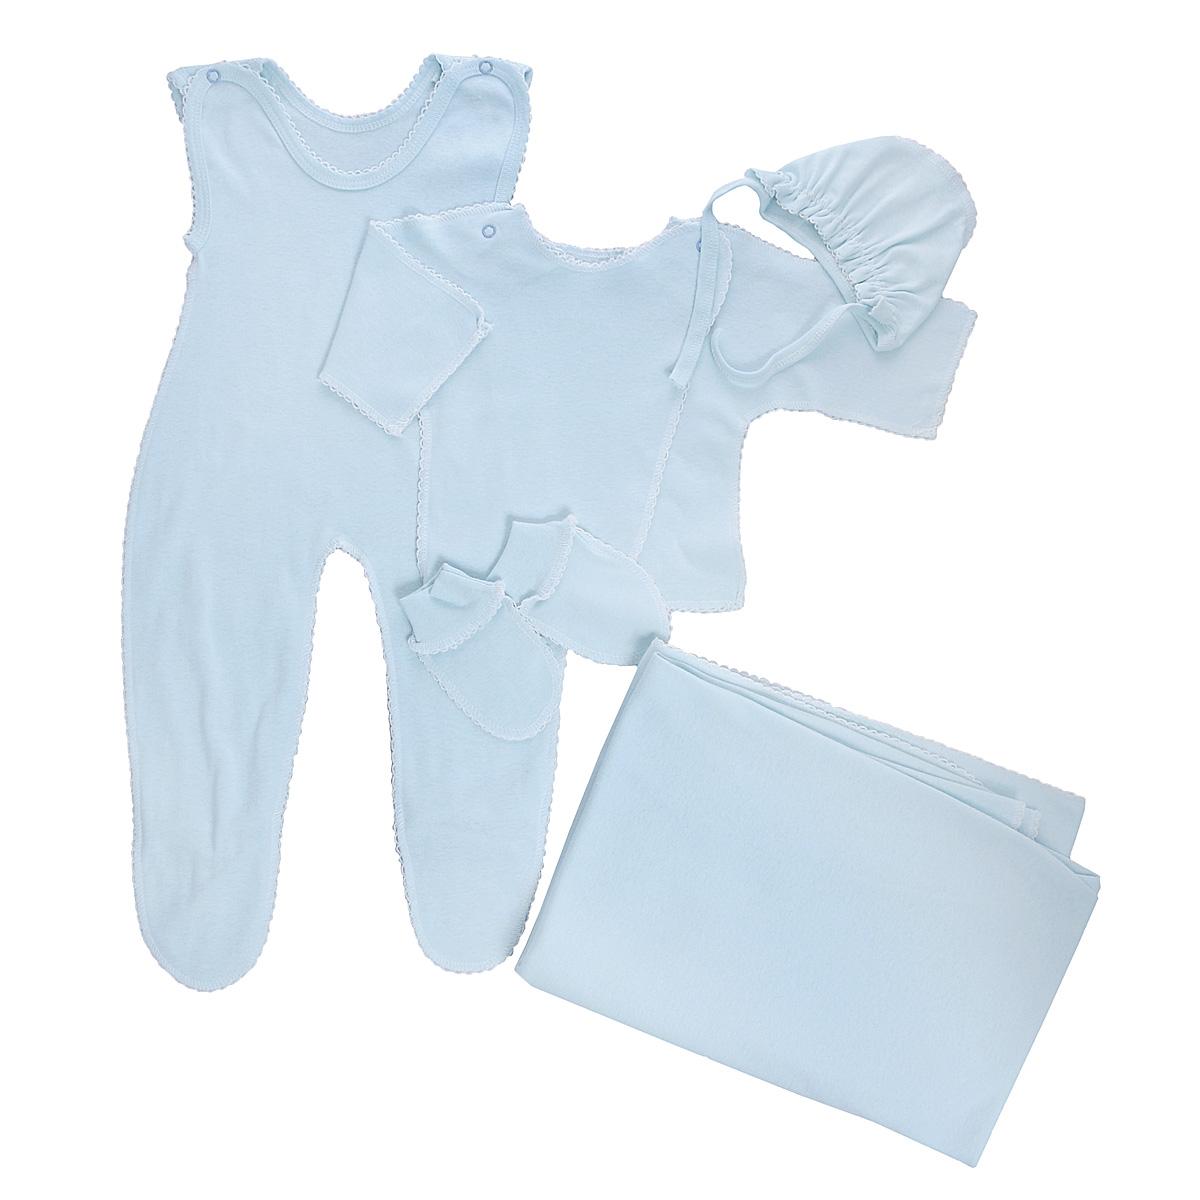 Комплект для новорожденного Трон-Плюс, 5 предметов, цвет: голубой. 7127. Размер 56, 1 месяц7127Комплект для новорожденного Трон-плюс - это замечательный подарок, который прекрасно подойдет для первых дней жизни малыша. Комплект состоит из ползунков с грудкой и закрытыми ножками, распашонки, чепчика, рукавичек и пеленки. Комплект изготовлен из натурального хлопка, благодаря чему он необычайно мягкий и приятный на ощупь, не сковывает движения младенца и позволяет коже дышать, не раздражает даже самую нежную и чувствительную кожу ребенка, обеспечивая ему наибольший комфорт. Распашонка с запахом, застегивается при помощи двух кнопок на плечах, которые позволяют без труда переодеть ребенка. Швы выполнены наружу и обработаны ажурными петельками. Ползунки с закрытыми ножками, застегивающиеся сверху на две кнопочки, идеально подойдут вашему ребенку, обеспечивая ему наибольший комфорт. Подходят для ношения с подгузником и без него. Мягкий чепчик с завязочками защищает еще не заросший родничок, щадит чувствительный слух малыша, прикрывая ушки, и предохраняет от теплопотерь. Дополнен чепчик мягкой эластичной сборкой. Рукавички обеспечат вашему малышу комфорт во время сна и бодрствования, предохраняя нежную кожу новорожденного от расцарапывания. Они дополнены широкой эластичной резинкой. Пеленка станет незаменимым помощником в деле ухода за ребенком. Элементы набора выполнены швами наружу и оформлены ажурными петельками. В таком комплекте ваш малыш будет чувствовать себя комфортно, уютно и всегда будет в центре внимания!